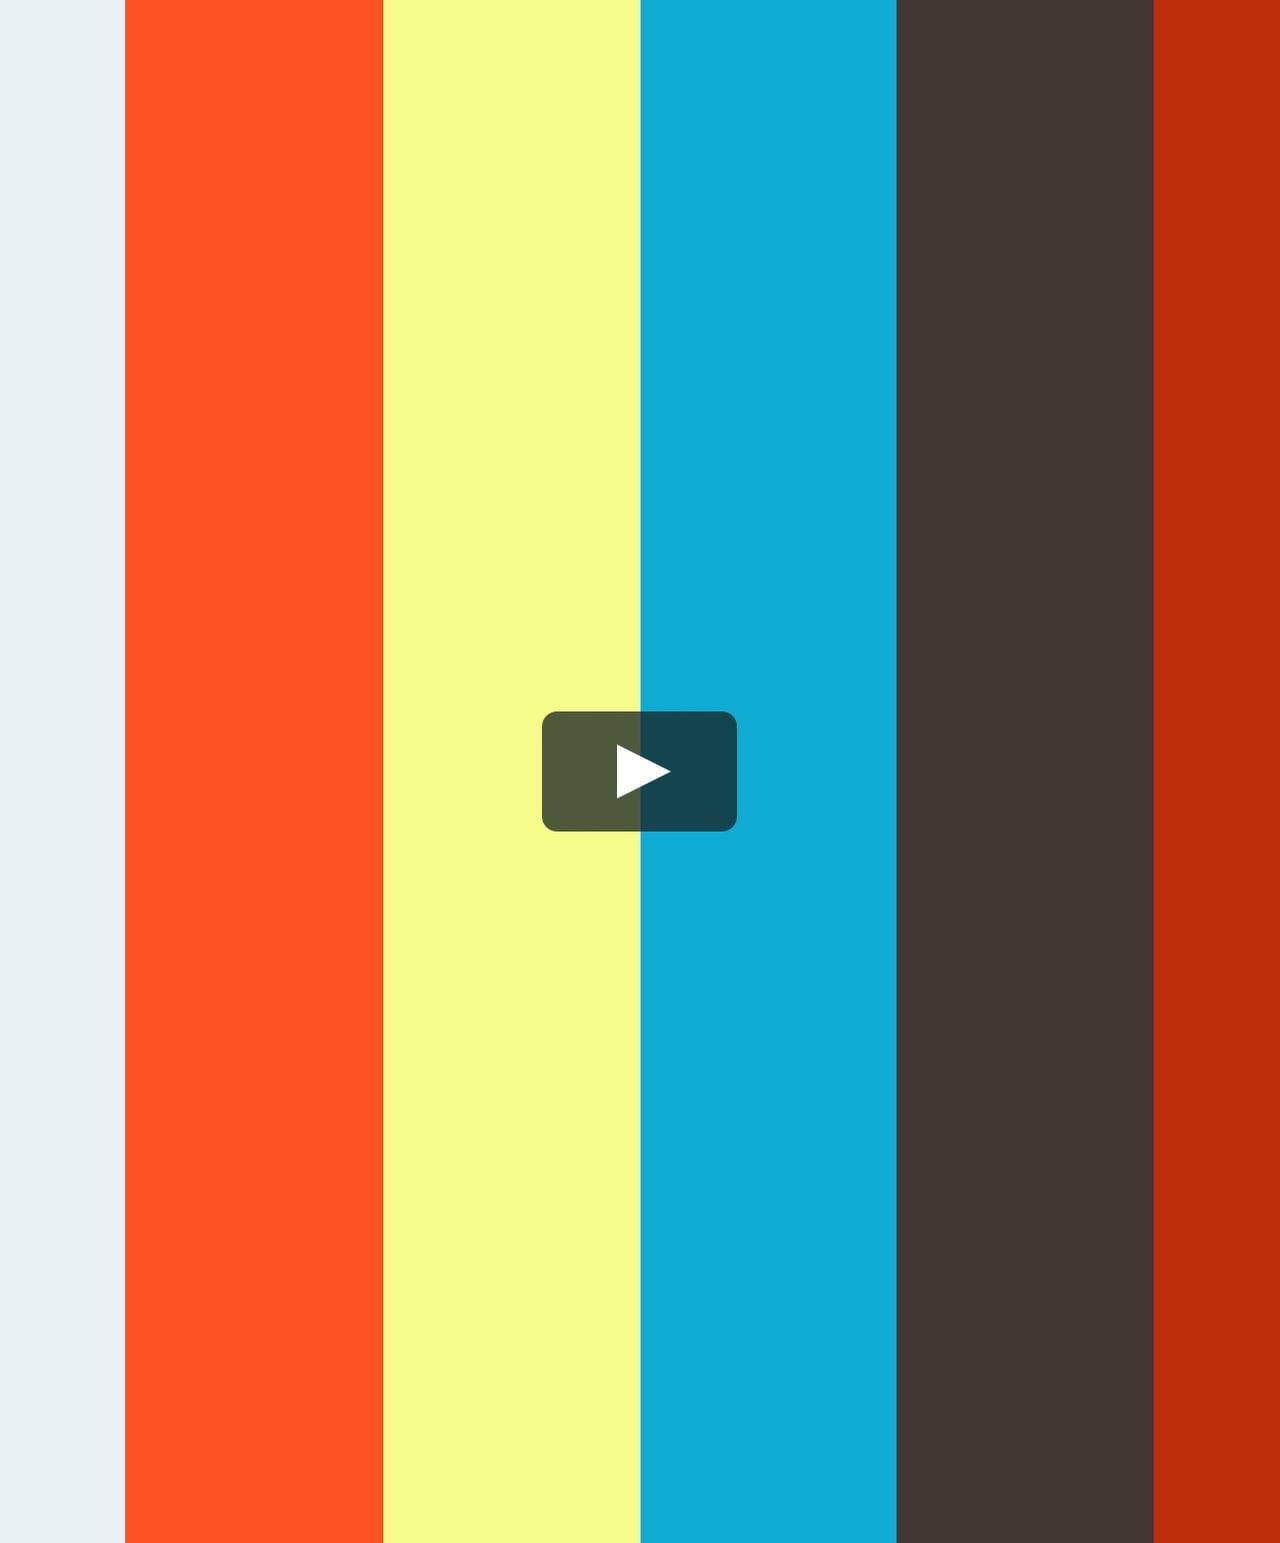 91010_Penis_Print_Product on Vimeo